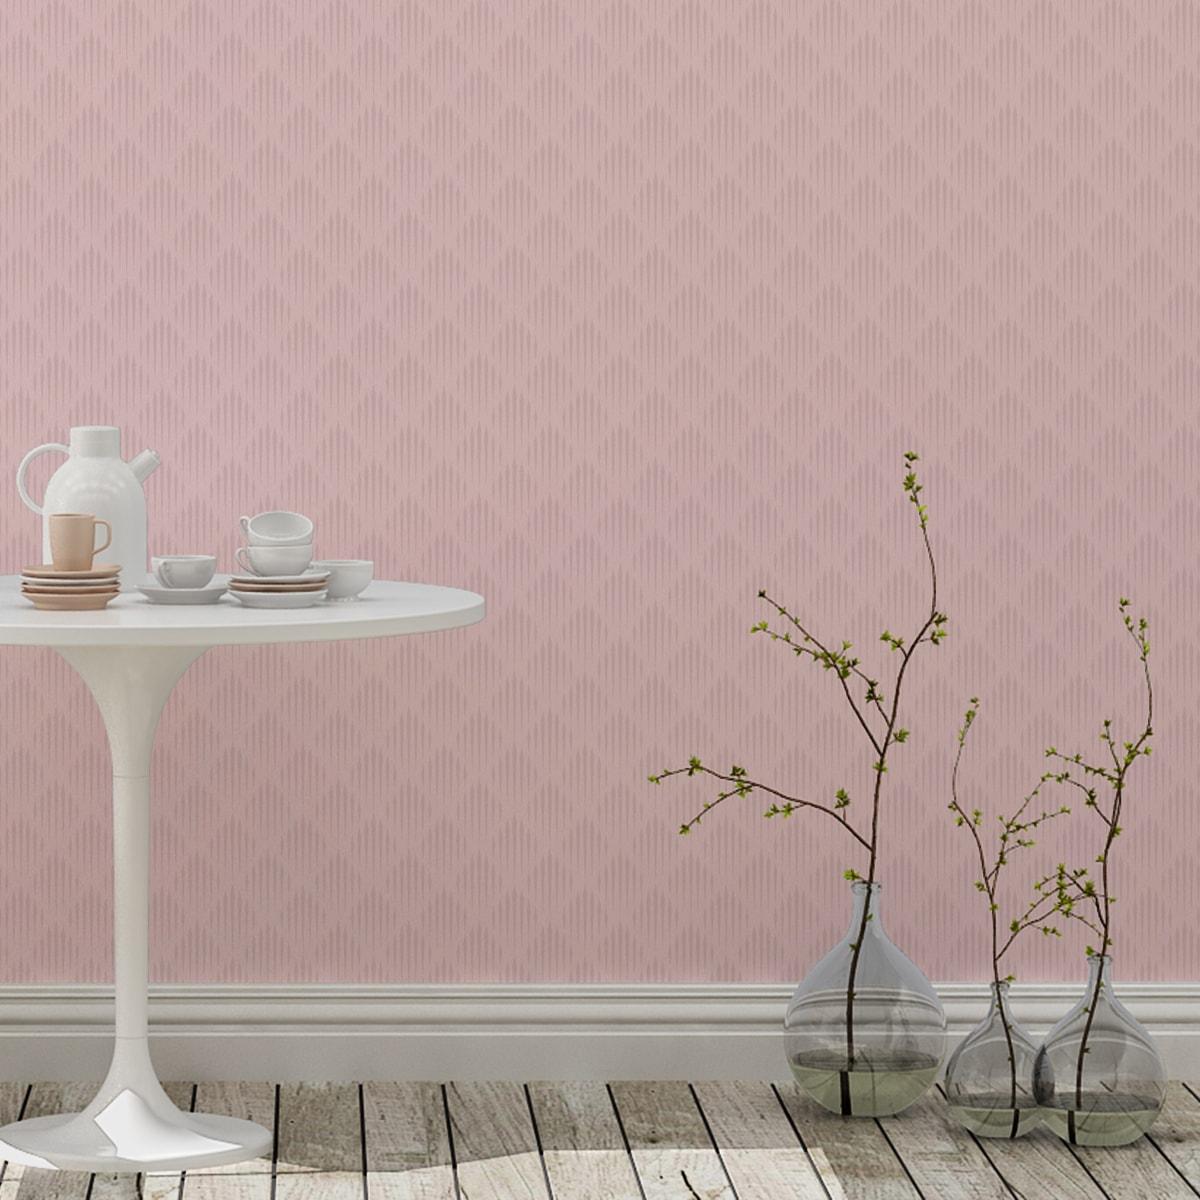 Design Tapete Art Deko Diamant mit grafischer Eleganz in hellrosa - Ornamenttapete für Wohnzimmer 2